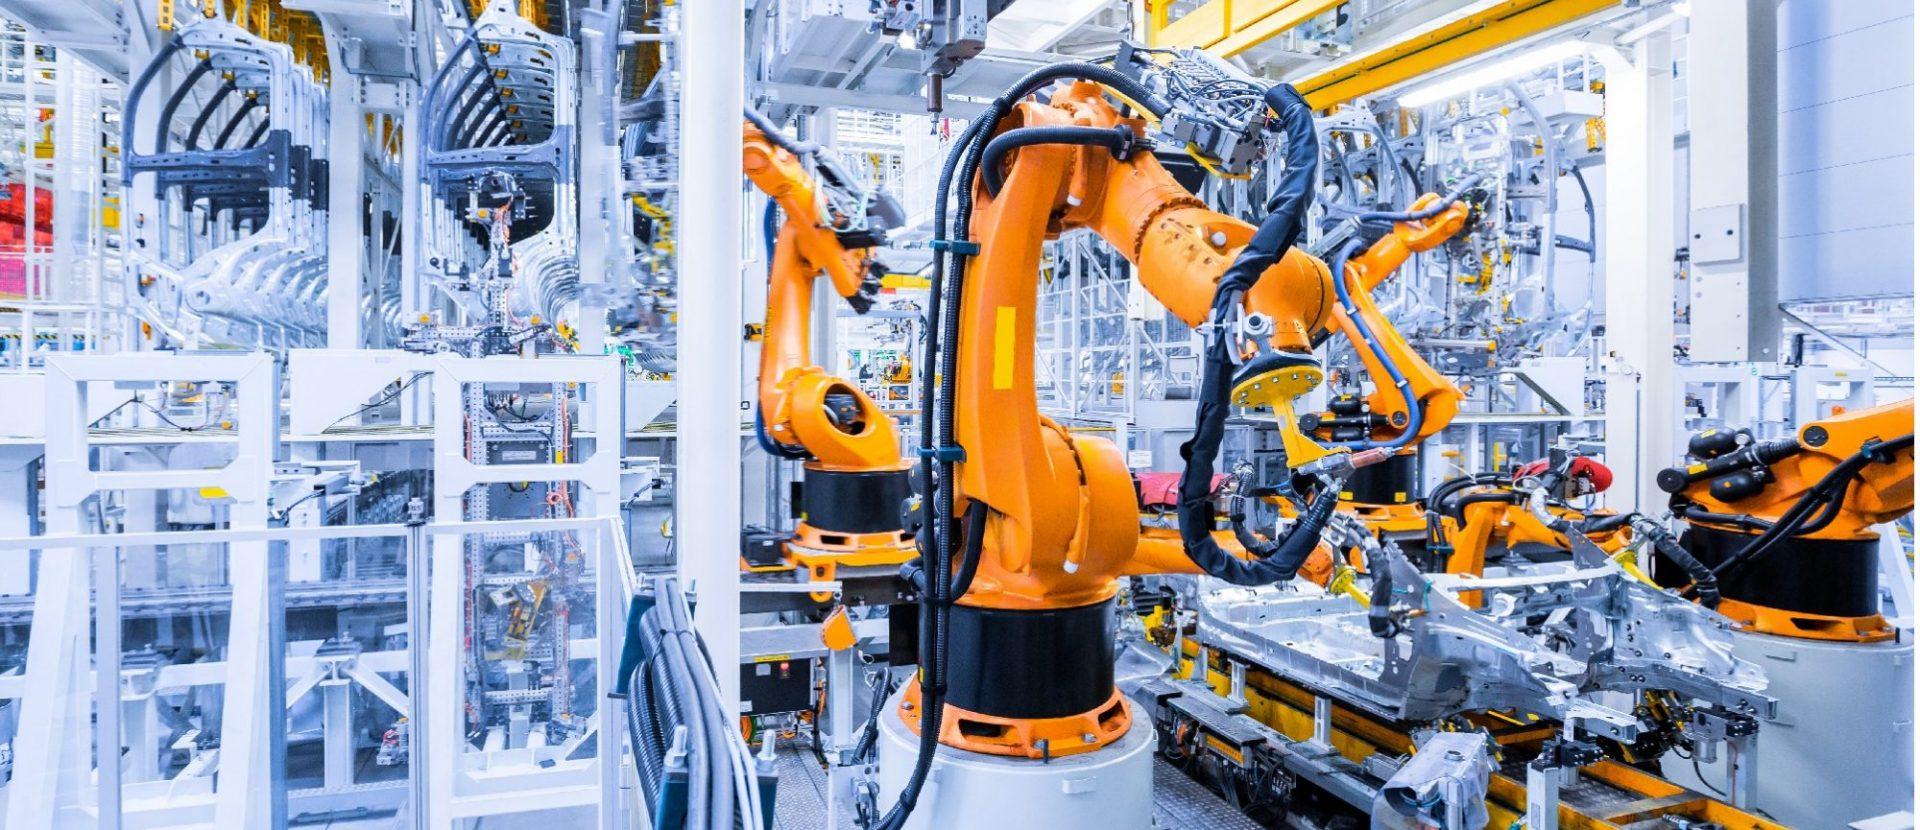 Photo : Subvention pour inciter les PME et ETI à investir dans l'industrie du futur